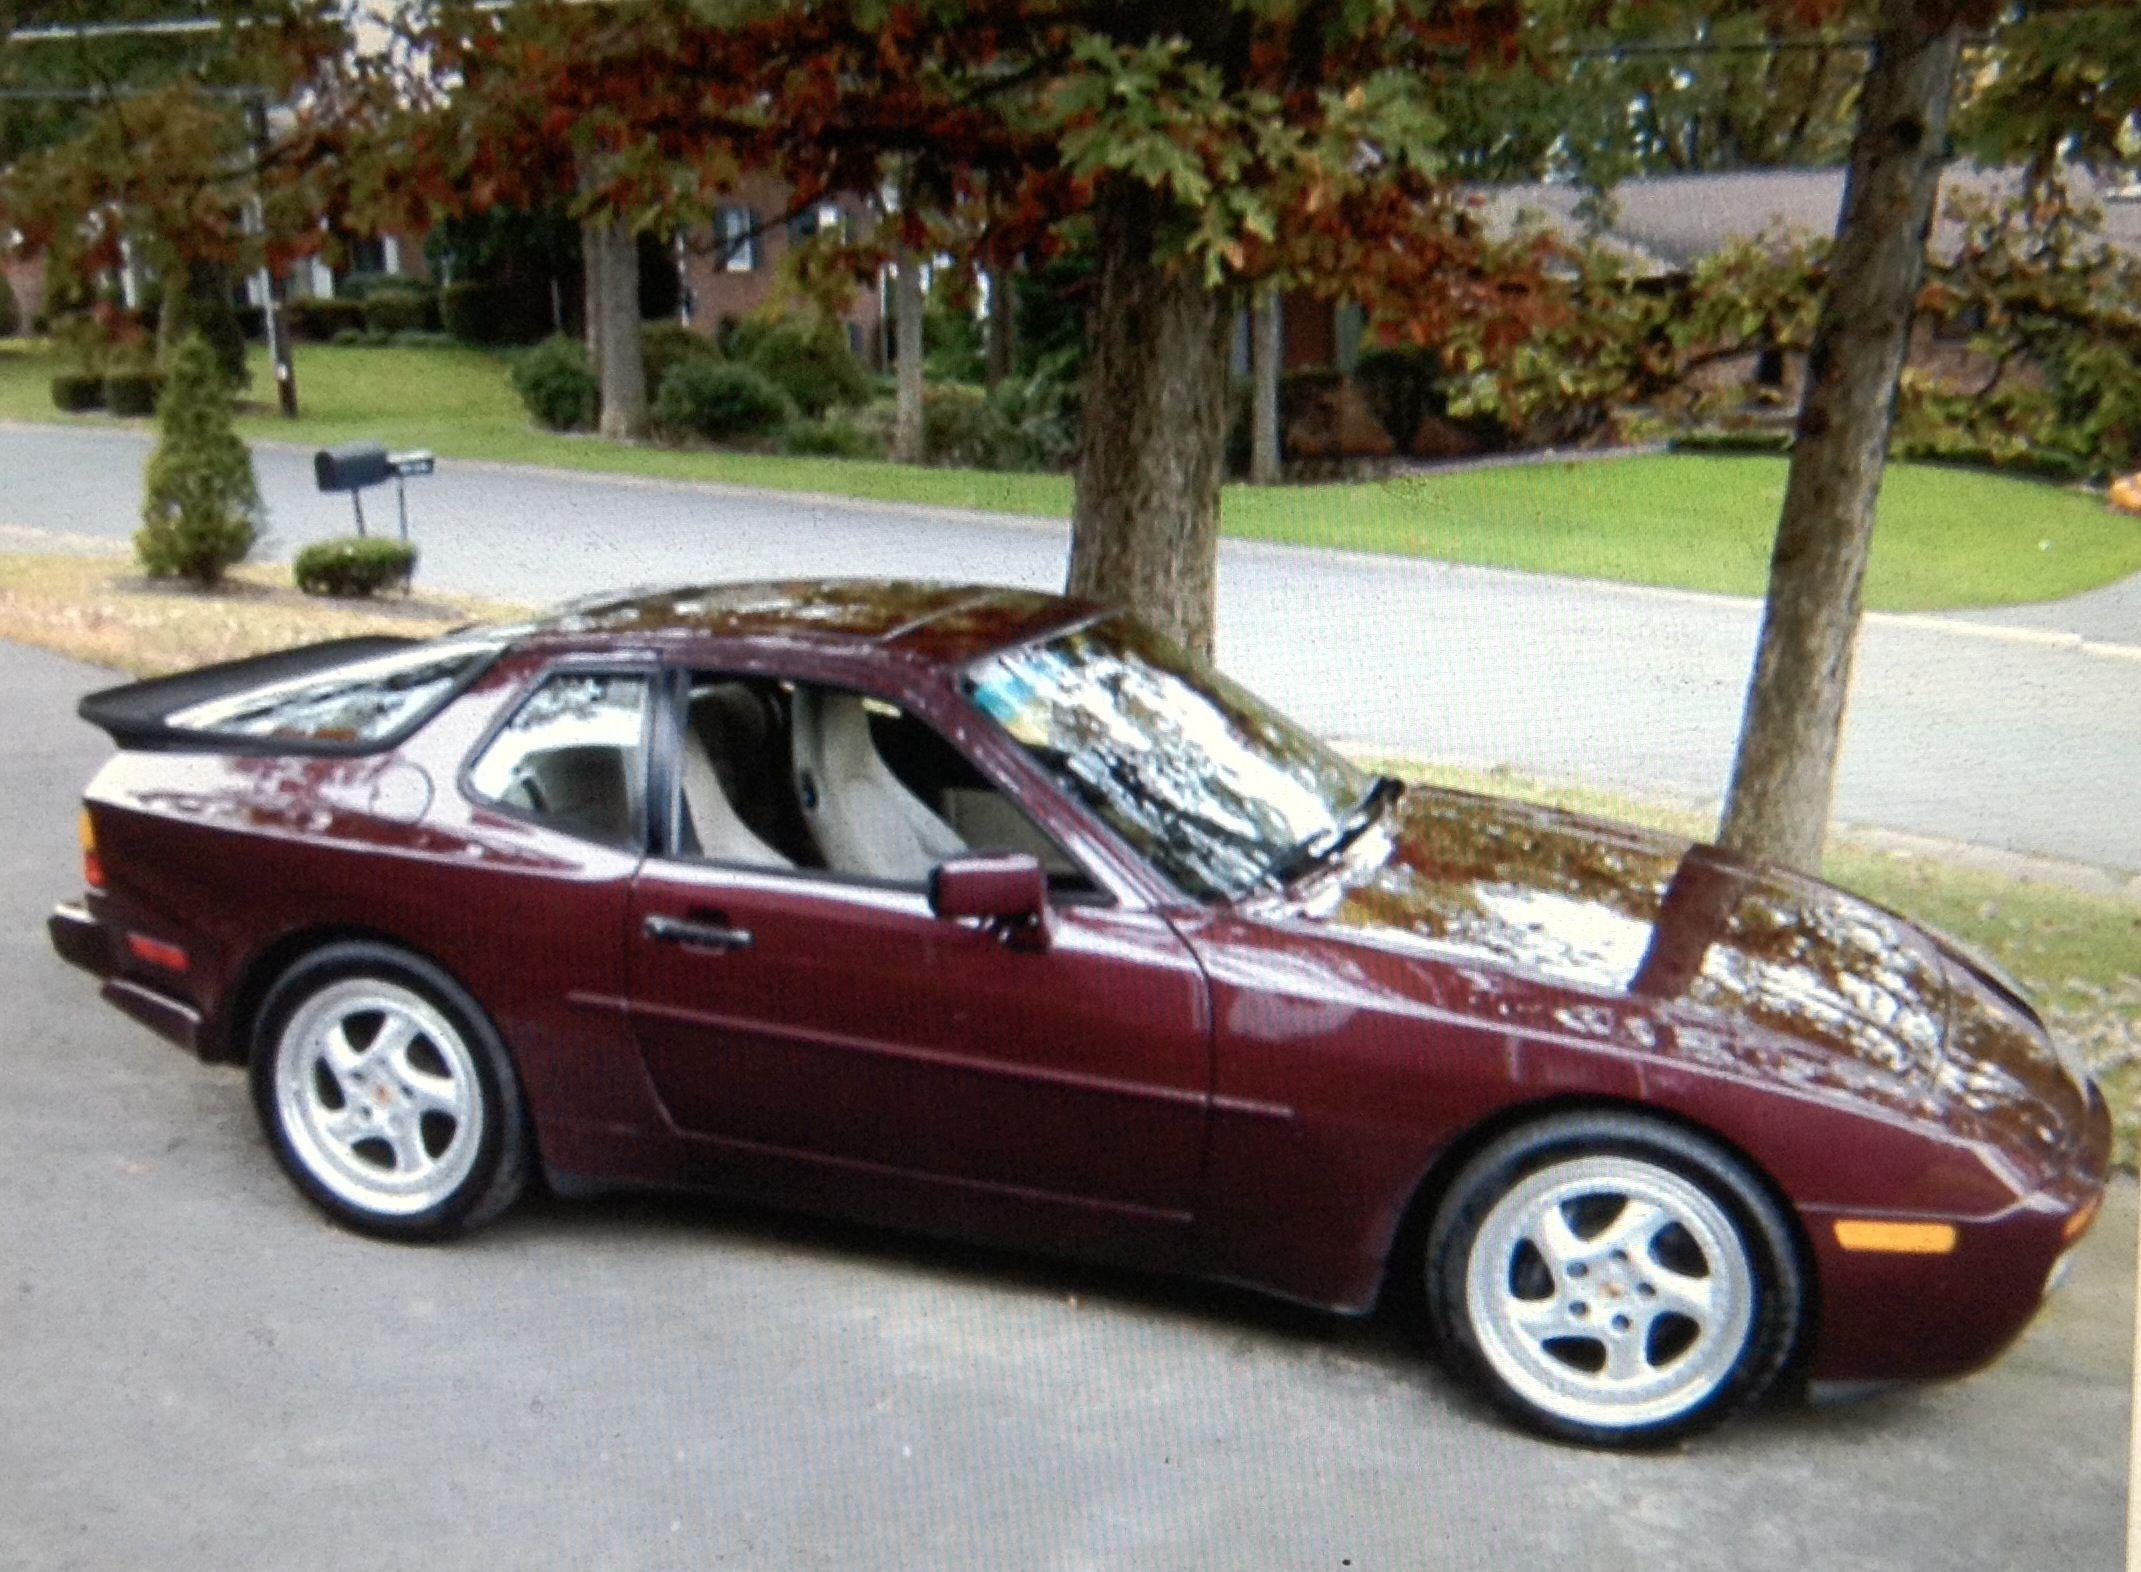 my 1988 porsche 944 turbo s my cars 5 fm porsche porsche 944 vacuum diagram sticker in engine bay for 944 na rennlist discussion [ 2141 x 1572 Pixel ]